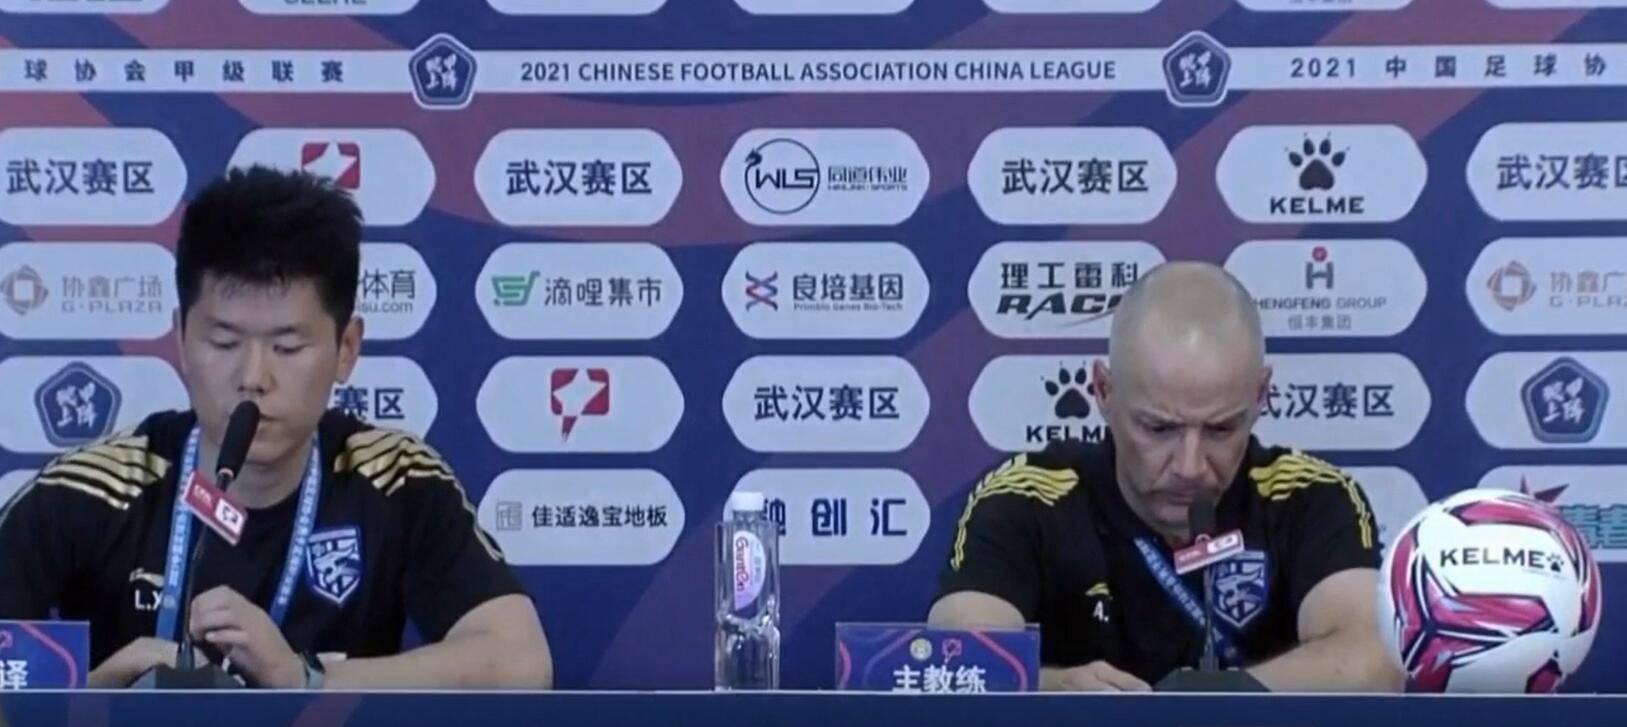 阿尔贝托:武汉三镇前30分钟踢得不错,定位球丢球回去认真总结…